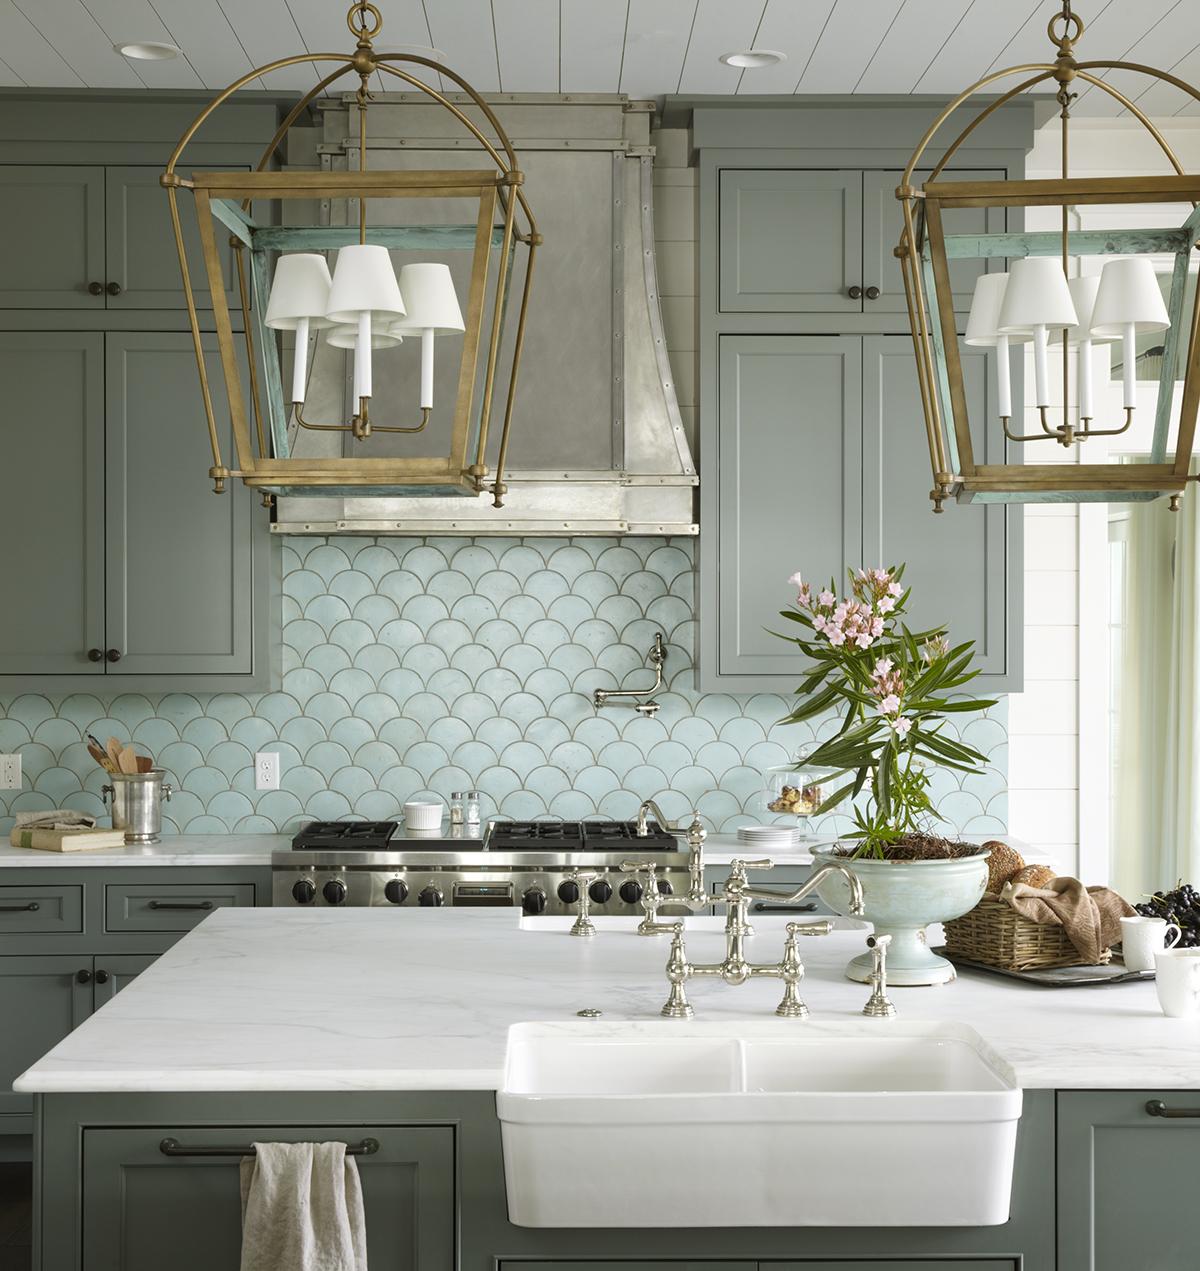 Azulejos Modernos na Cozinha Design Innova #5E4E2D 1200 1271